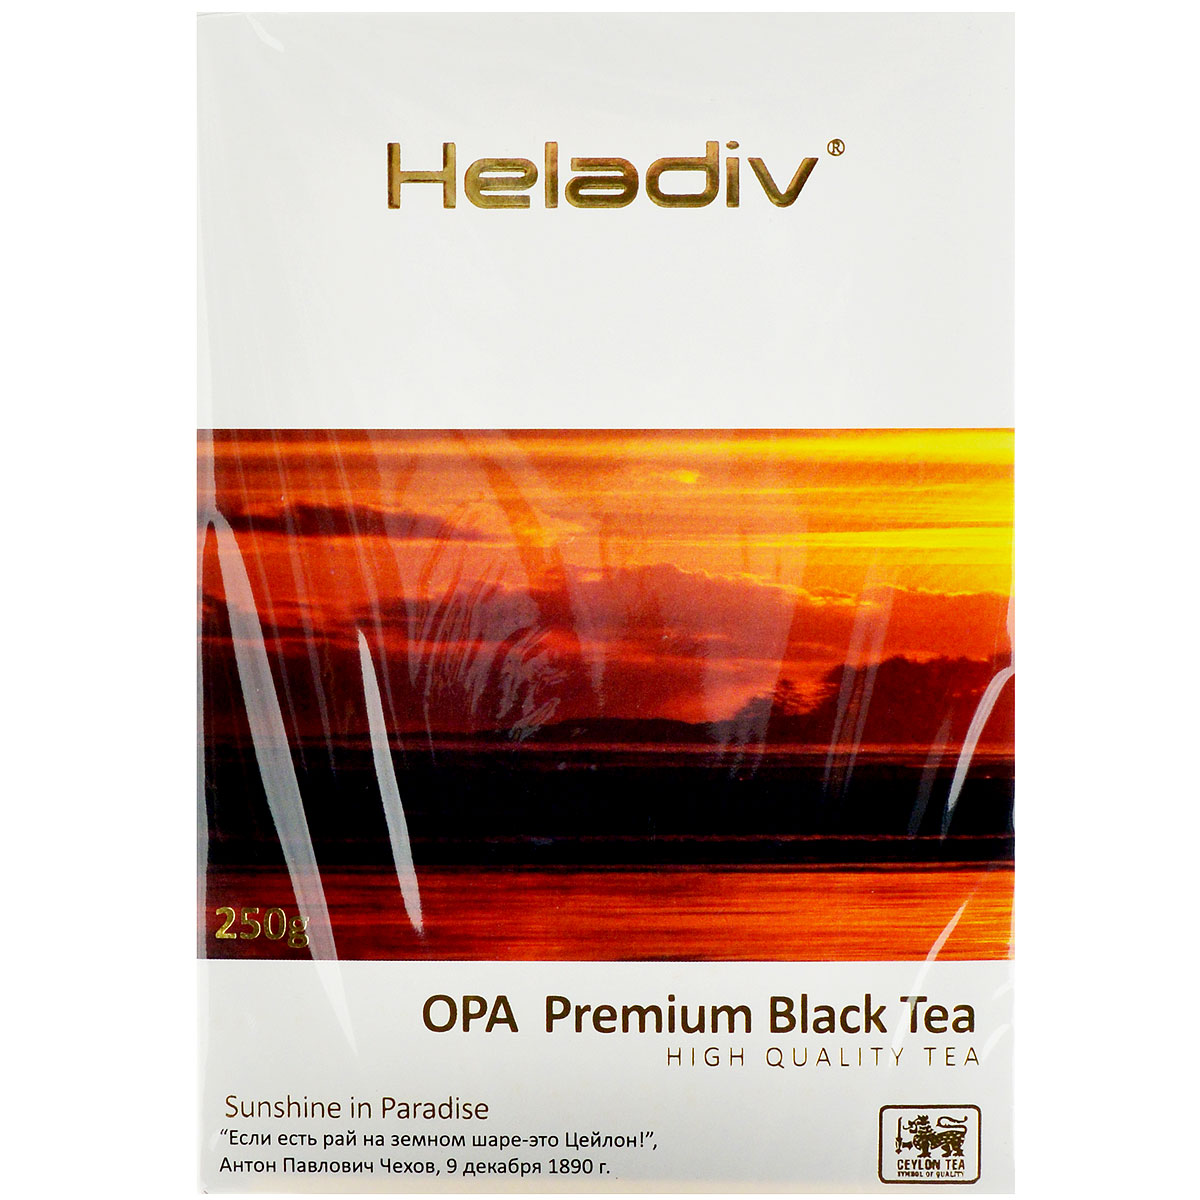 Heladiv Opa чай черный листовой, 250 г0120710Heladiv Opa - цейлонский черный крупнолистовой цельный скрученный байховый чай, класс А (ОРА). Обладает приятным, насыщенным вкусом, изысканным ароматом и настоем темного цвета. Укрепляет сосуды, утоляет жажду, стимулирует работу мозга, освежает и тонизирует организм.